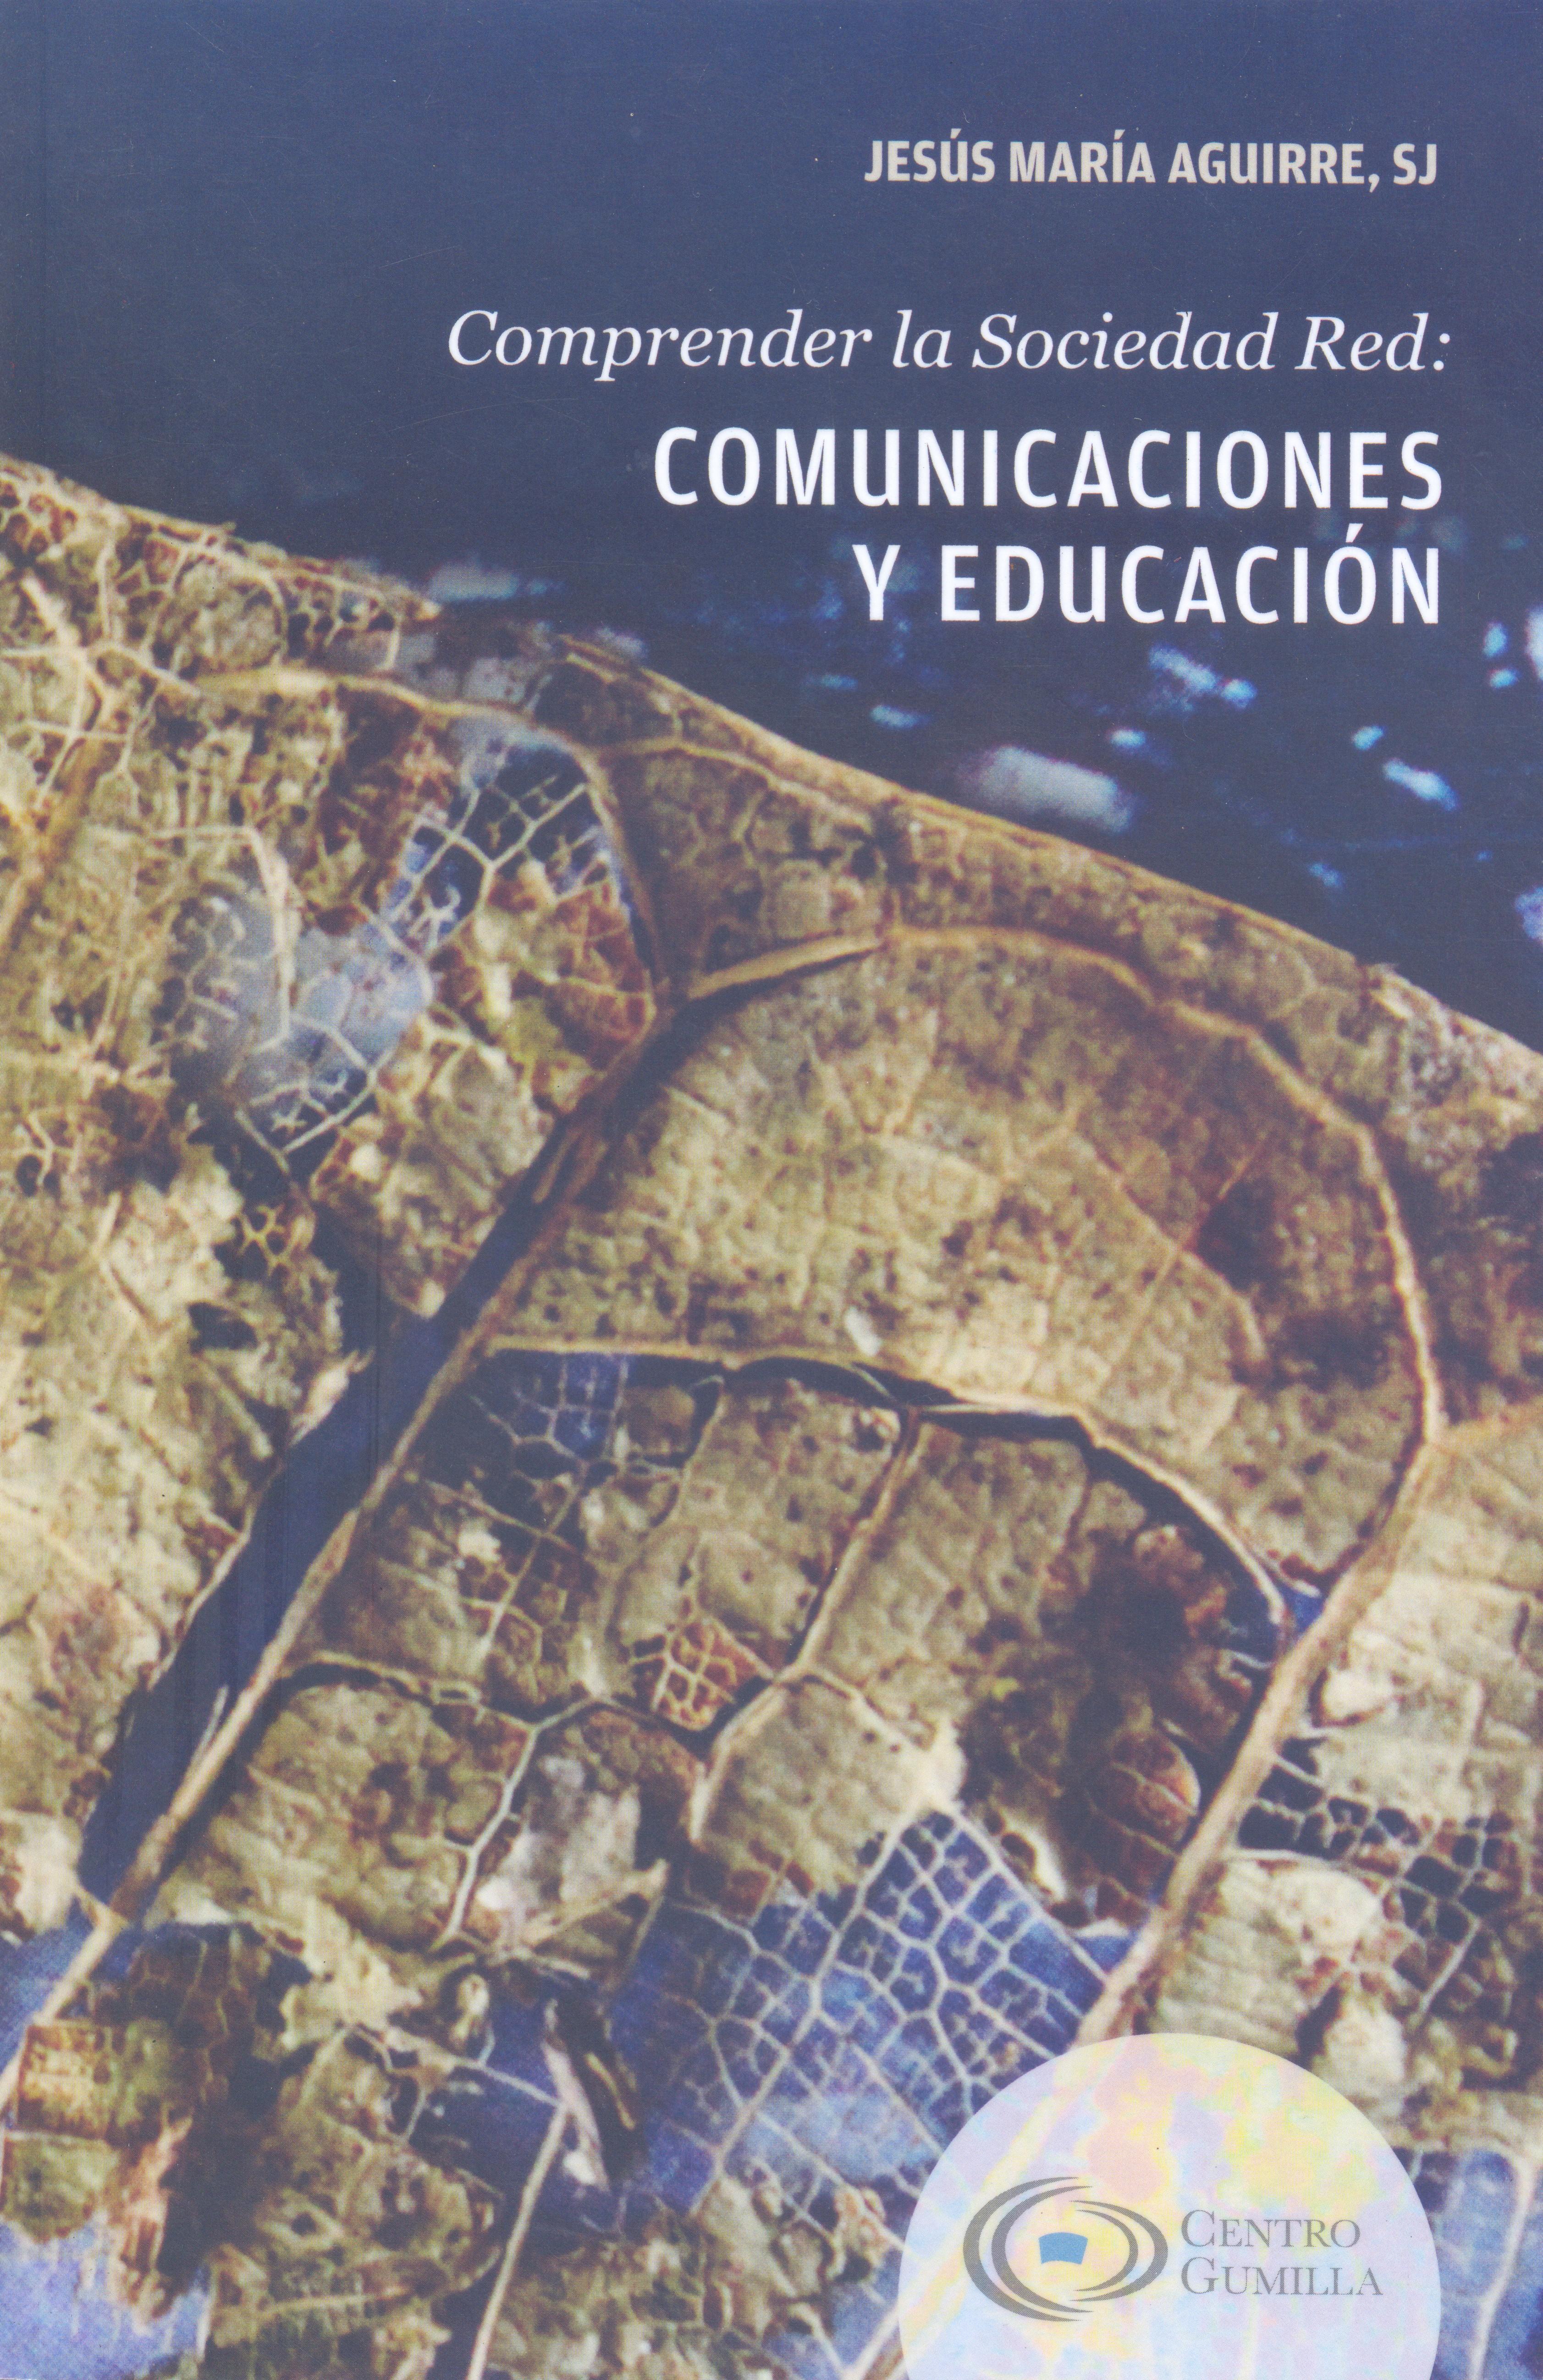 COMPRENDER LA SOCIEDAD RED COMUNICACIONES Y EDUCACIÓN